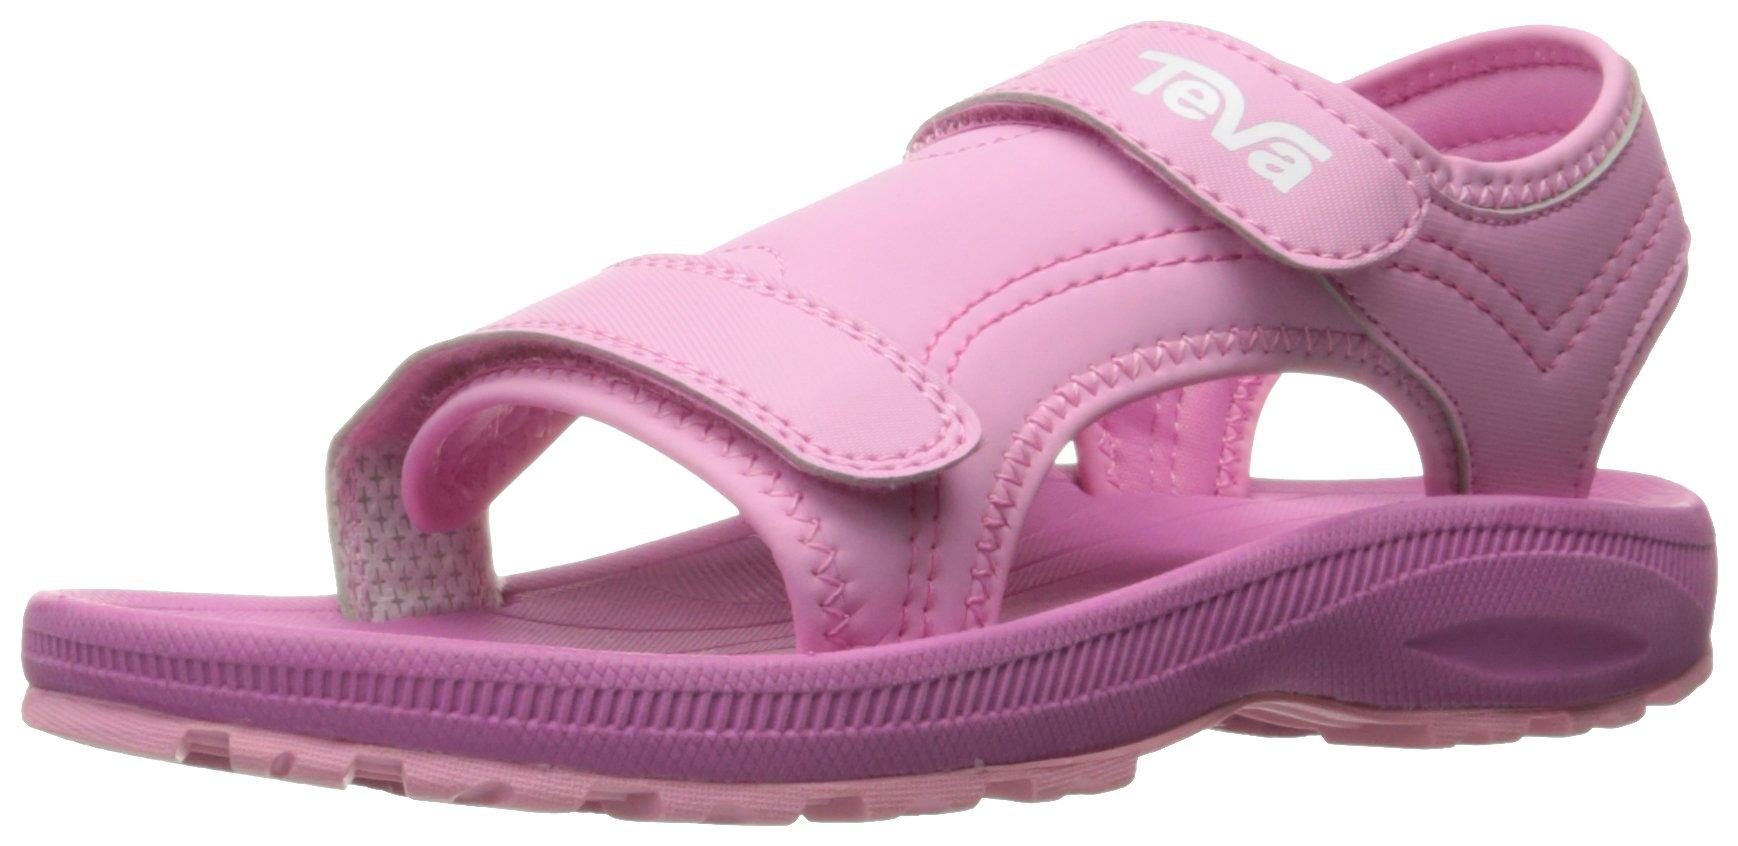 Teva Girls' Psyclone 4 Sandal, Pink, 1 M US Little Kid by Teva (Image #1)